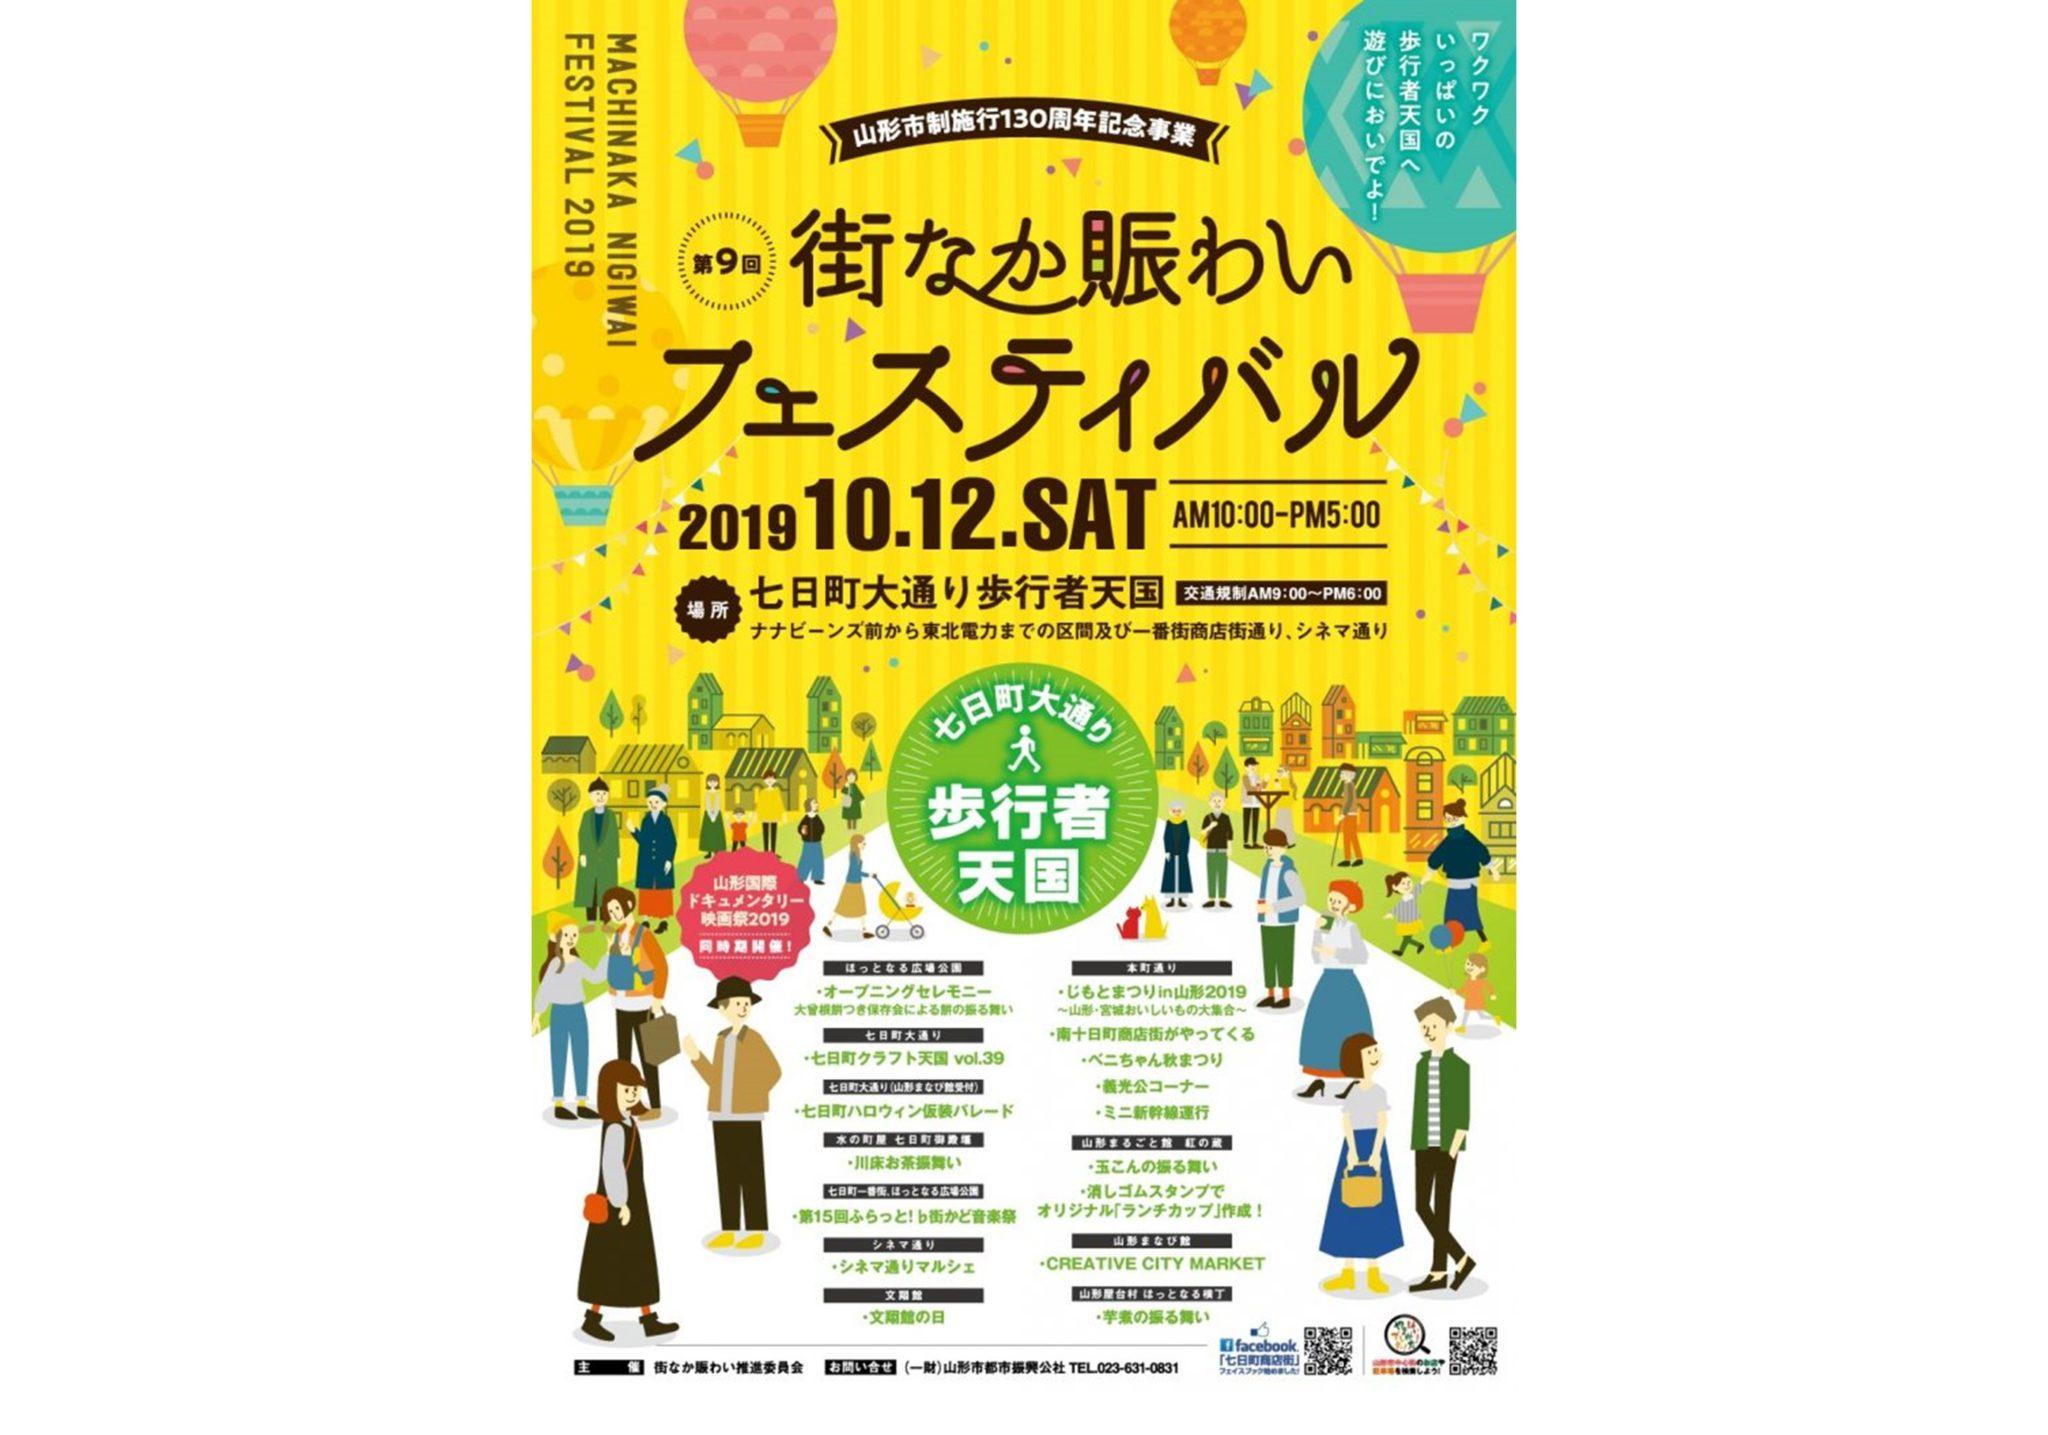 街なか賑わいフェスティバル2019